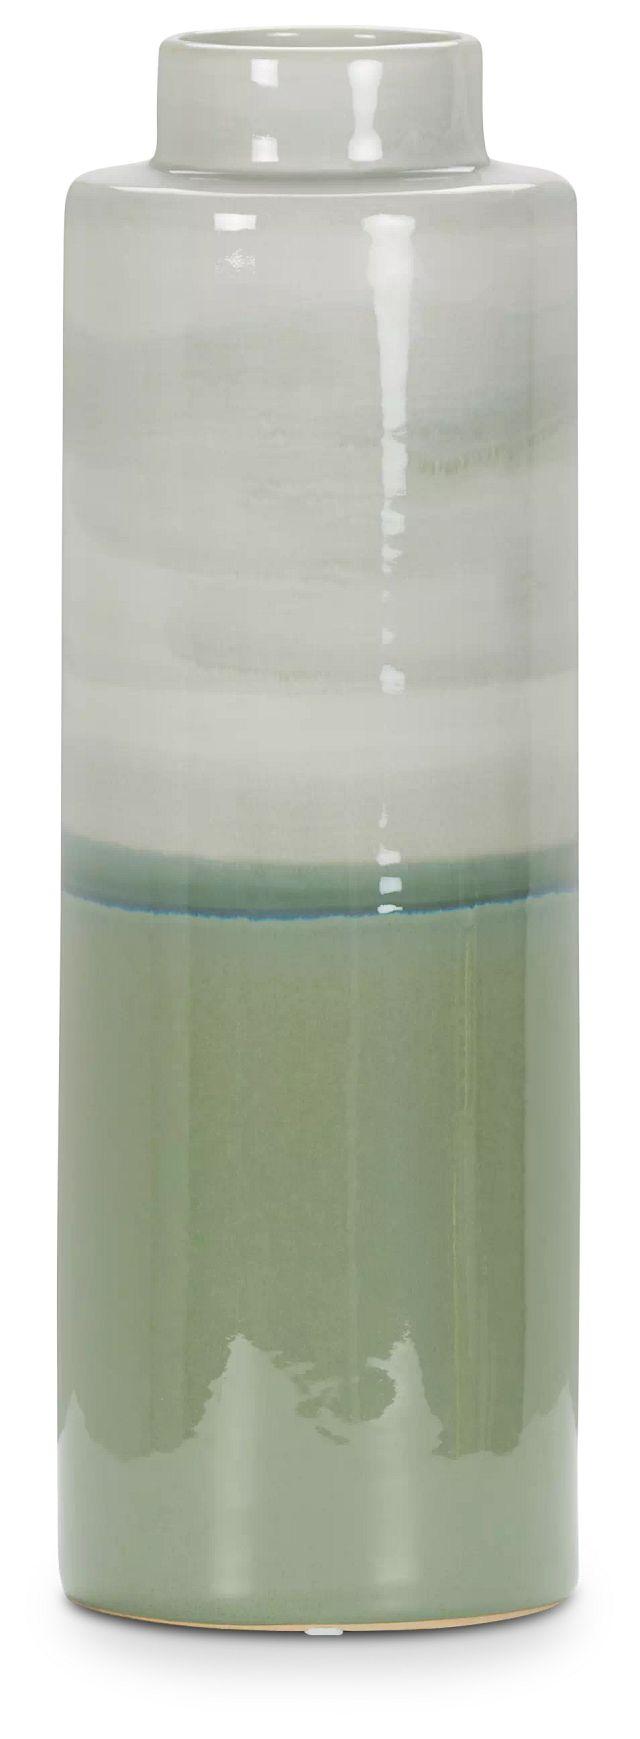 Mazu Green Small Jar (1)